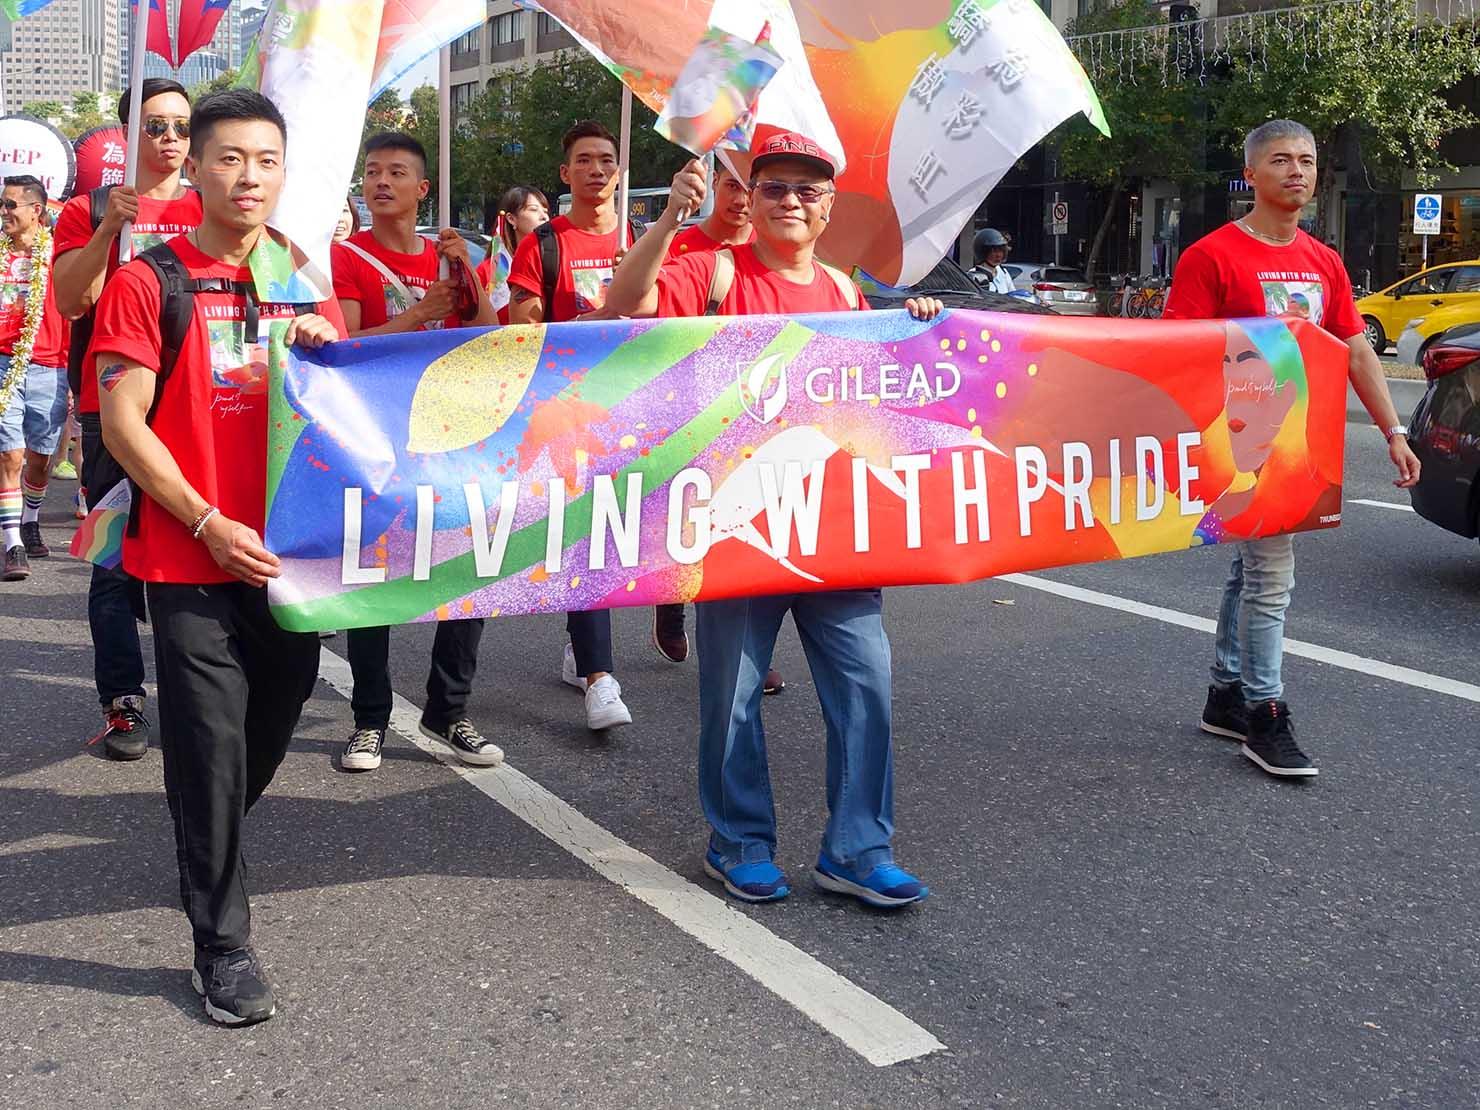 台灣同志遊行(台湾LGBTプライド)2019のパレードを歩く製薬会社のグループ